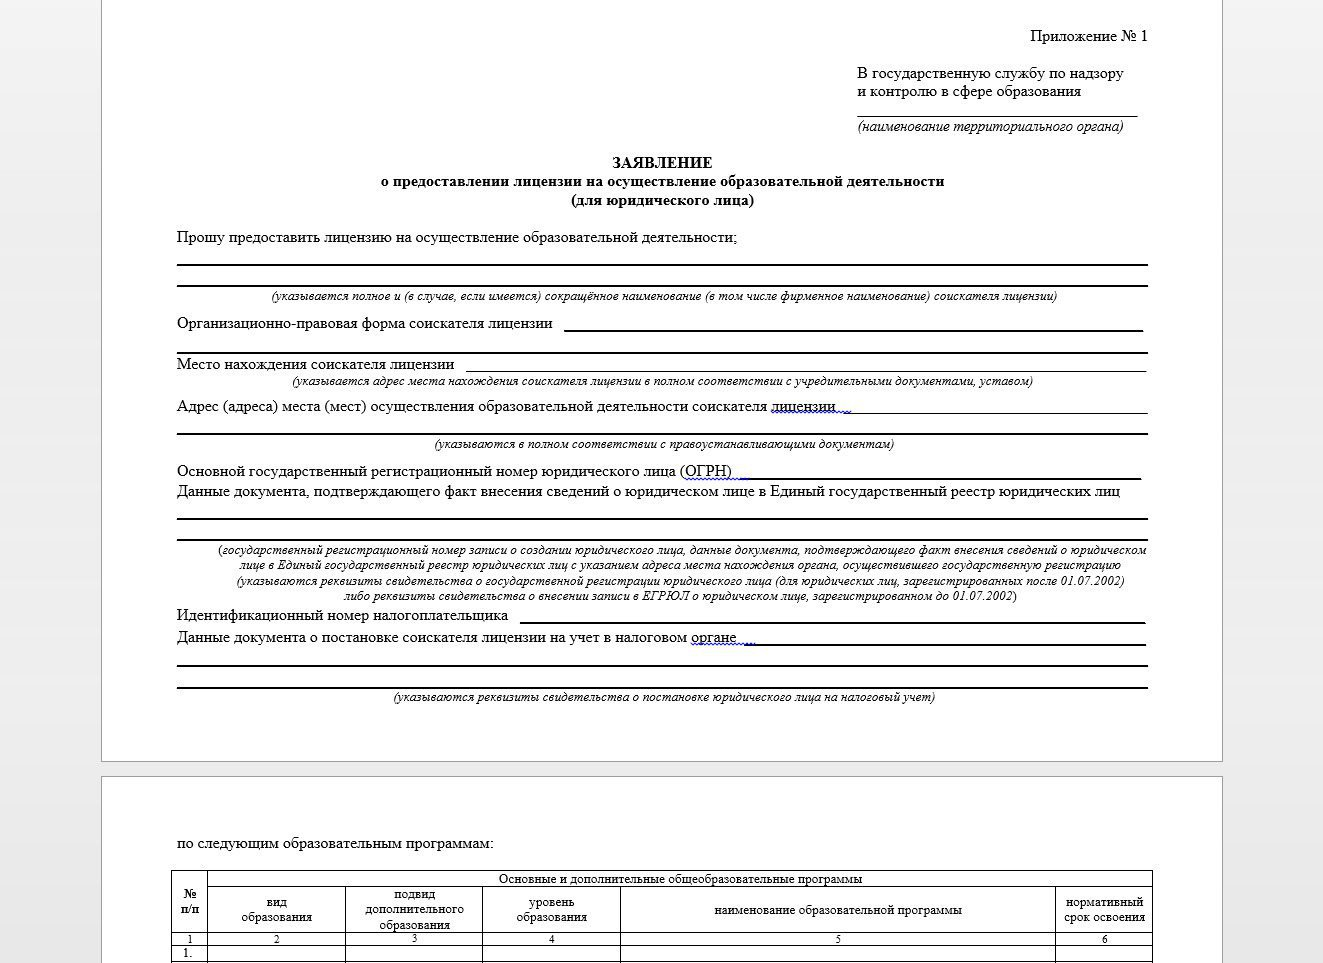 Бланк заявления о предоставлении лицензии на осуществление образовательной деятельности